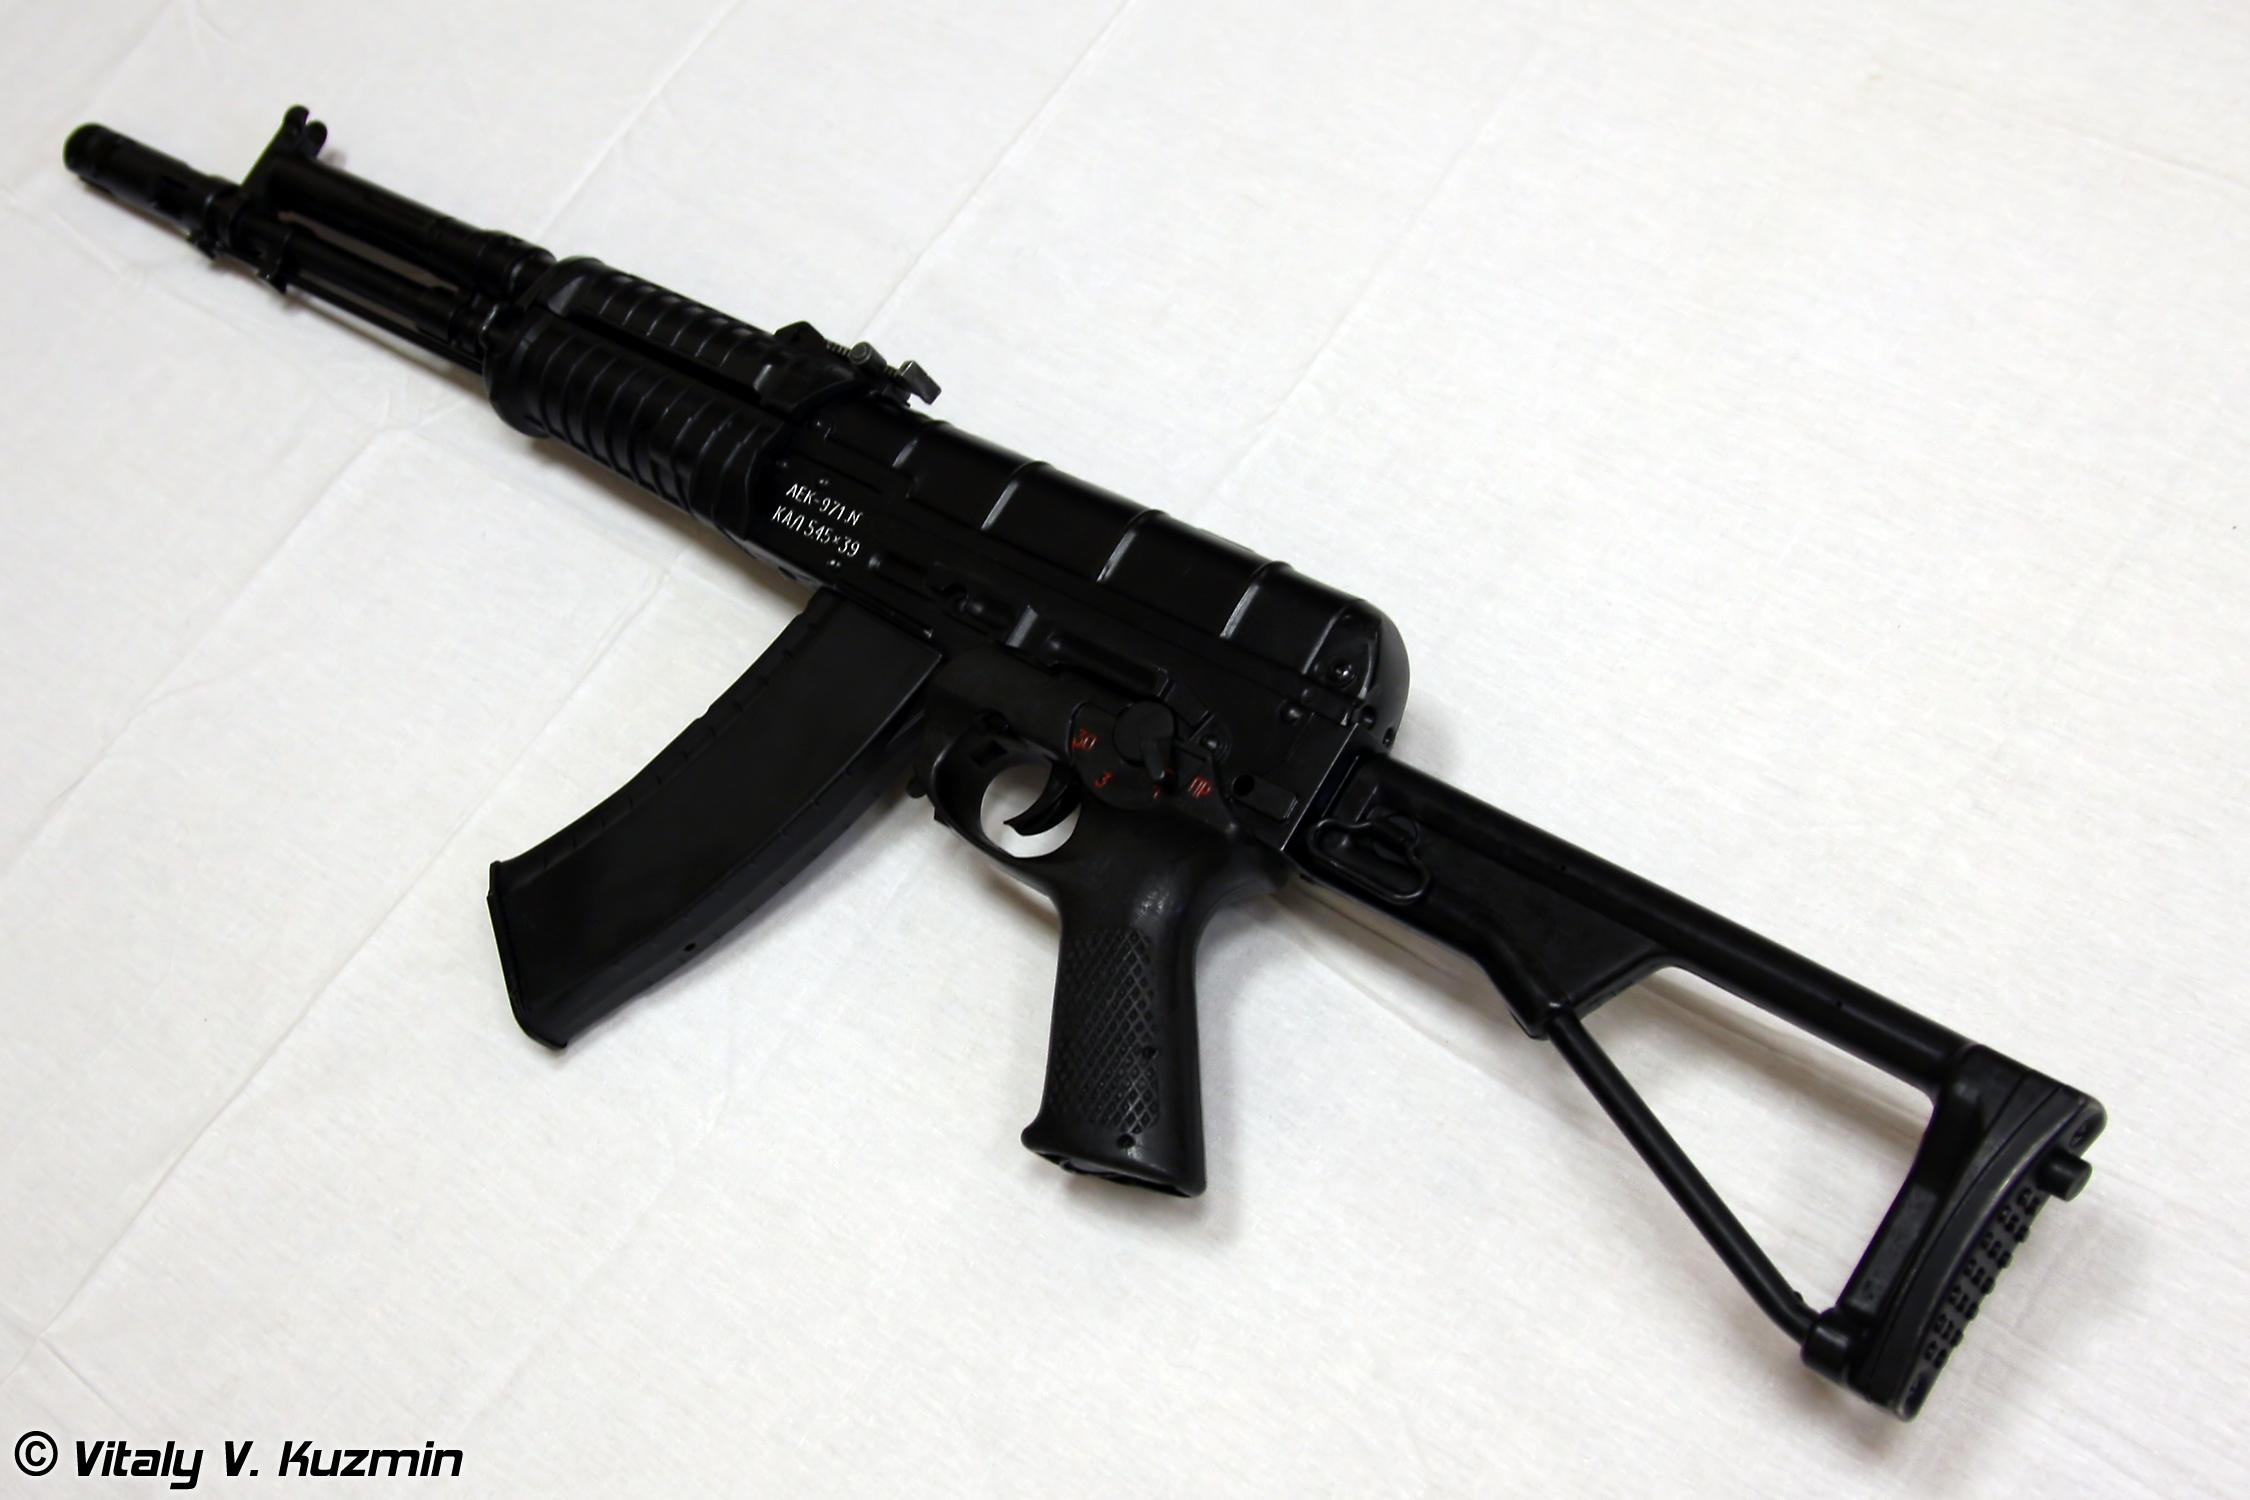 http://77rus.smugmug.com/Military/AEK-971/i-NSDP4r6/0/O/aek-971_11%20copy.jpg